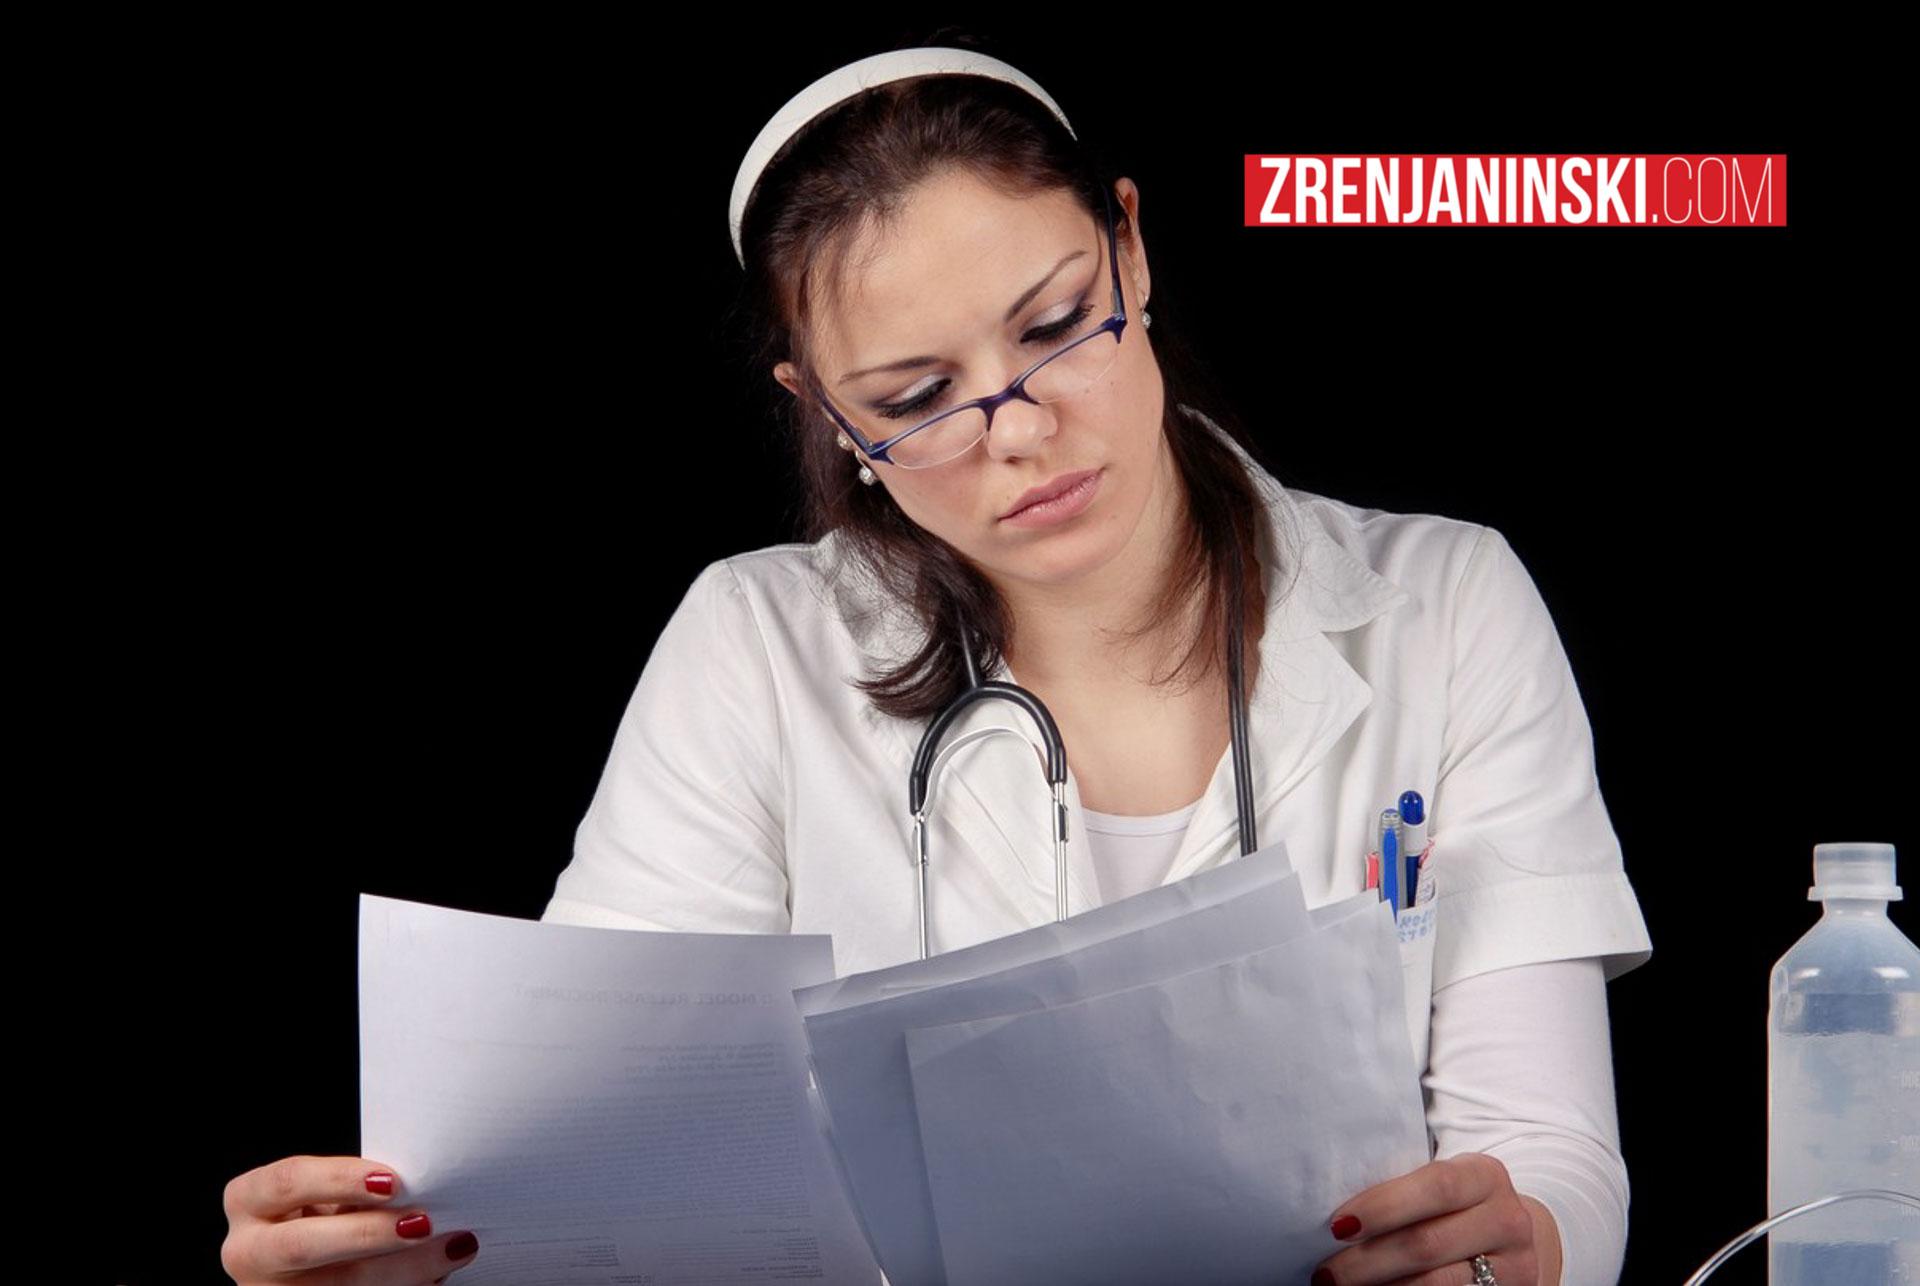 zdravstvo-lekar usluge